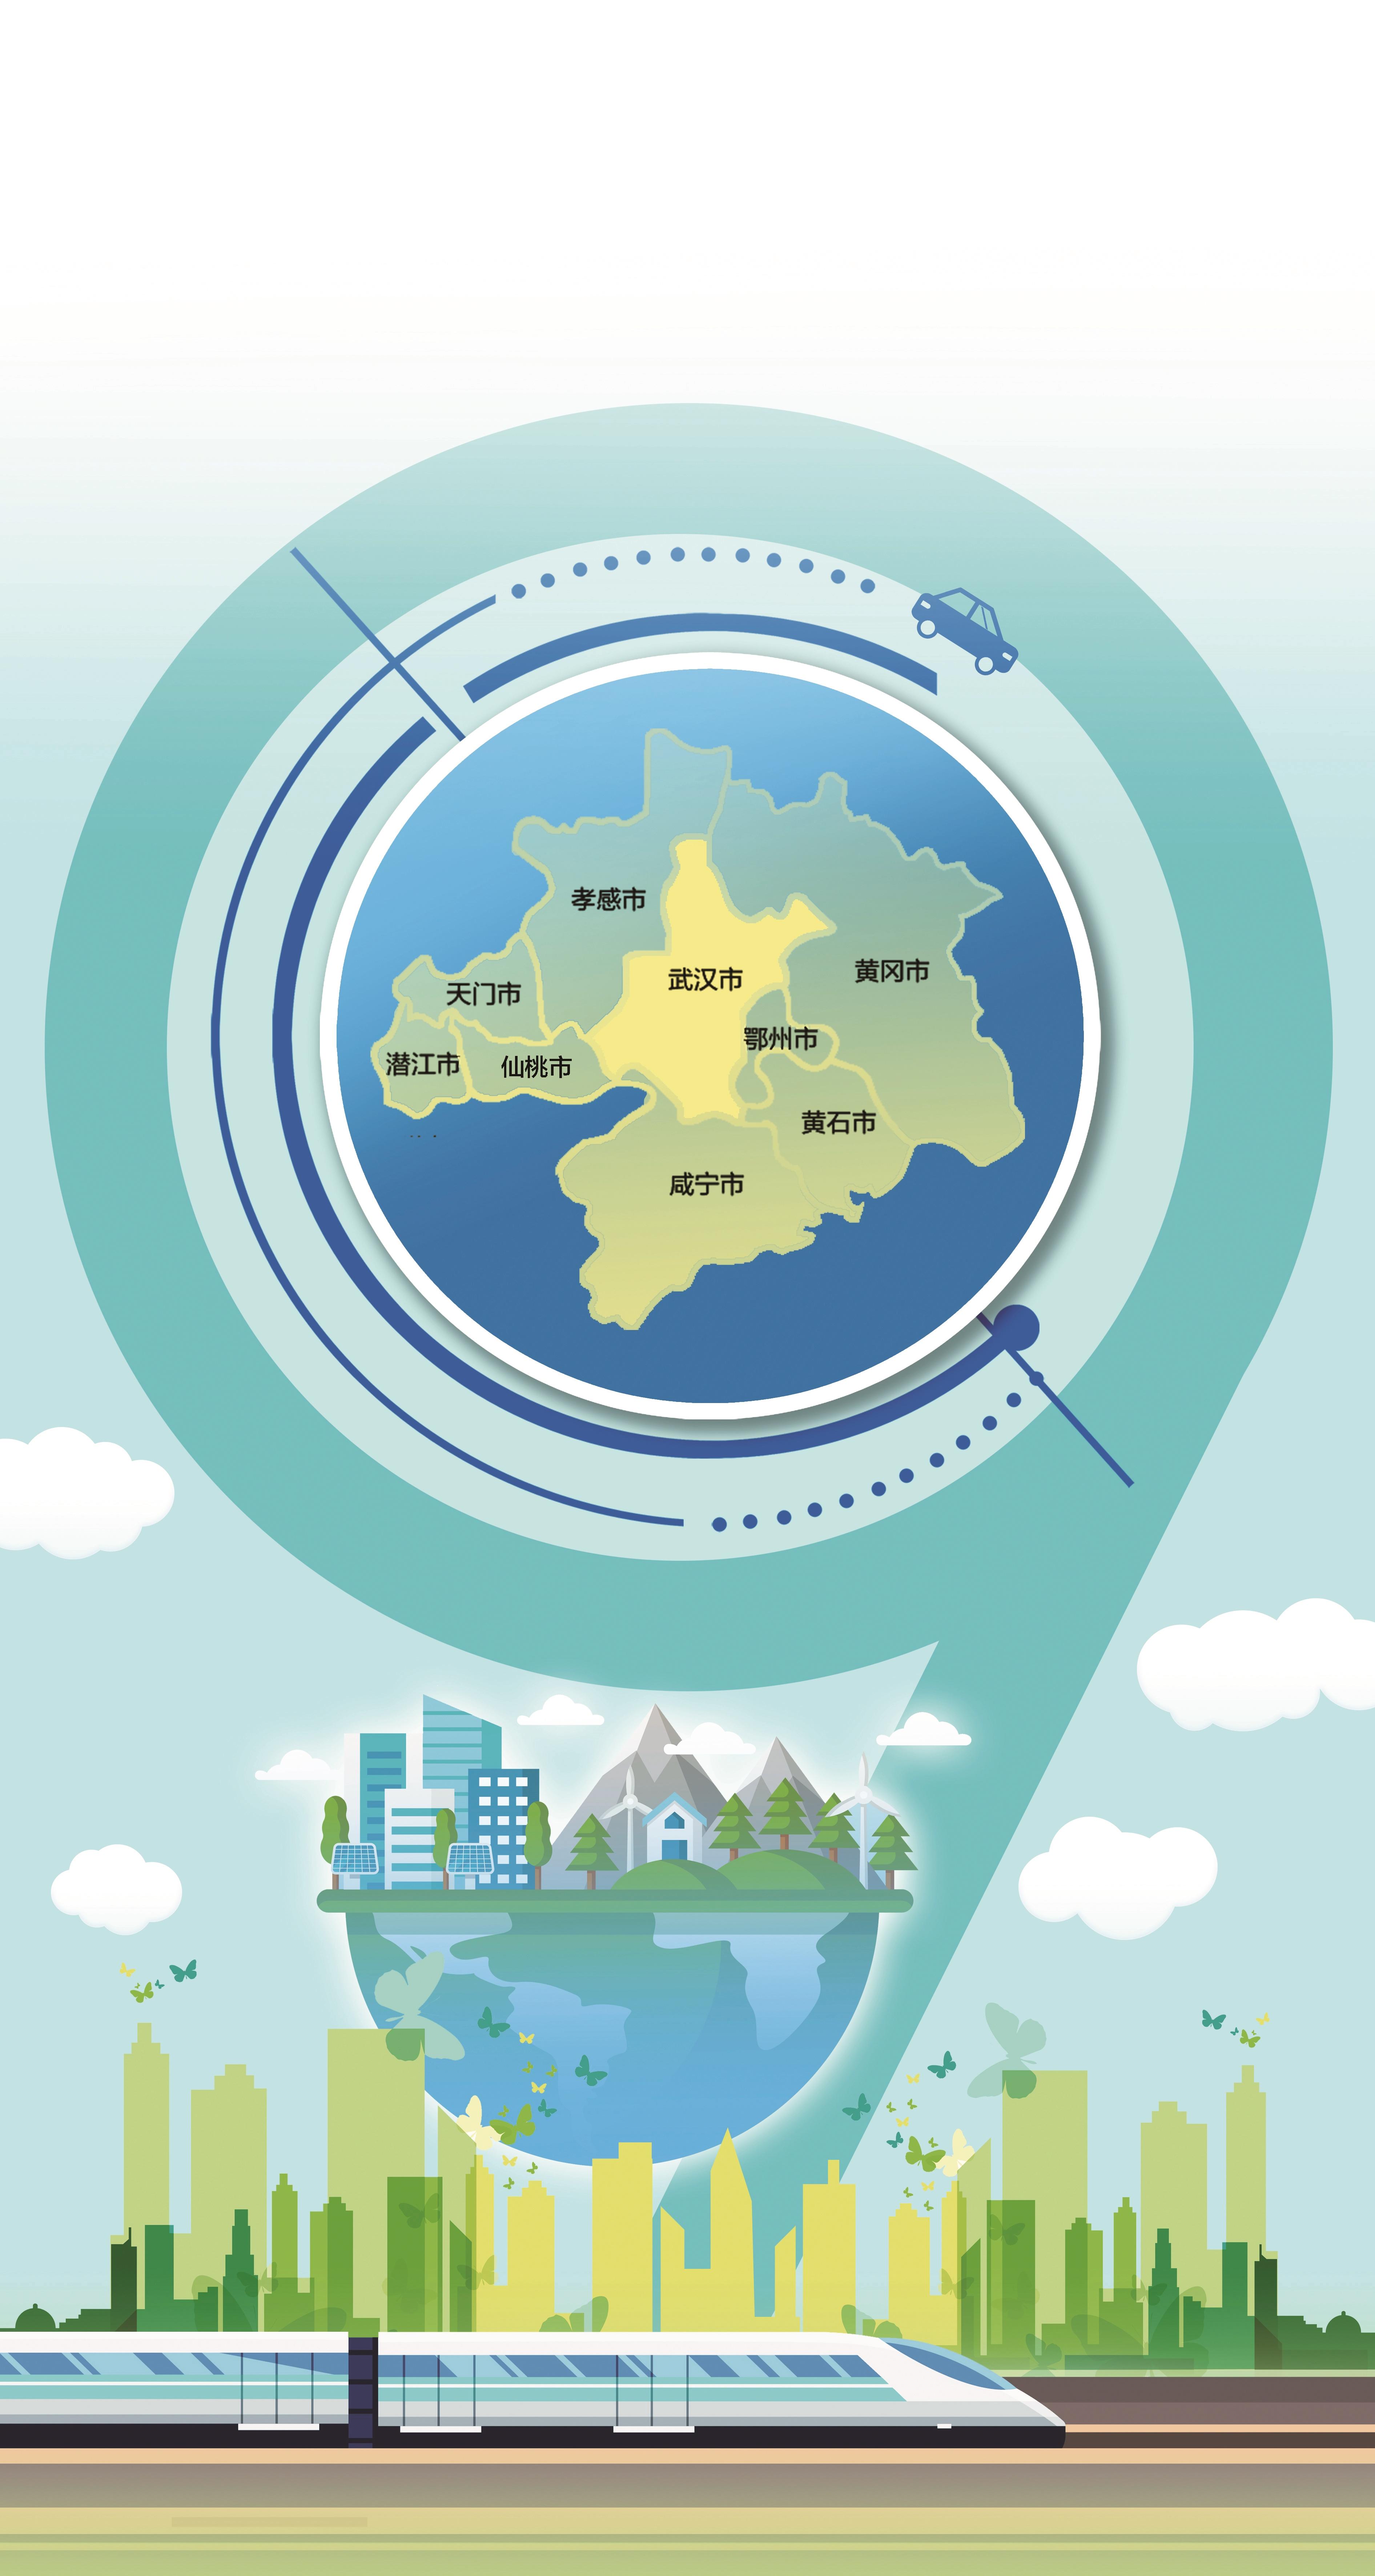 武汉城市圈首次达成同城化发展协议